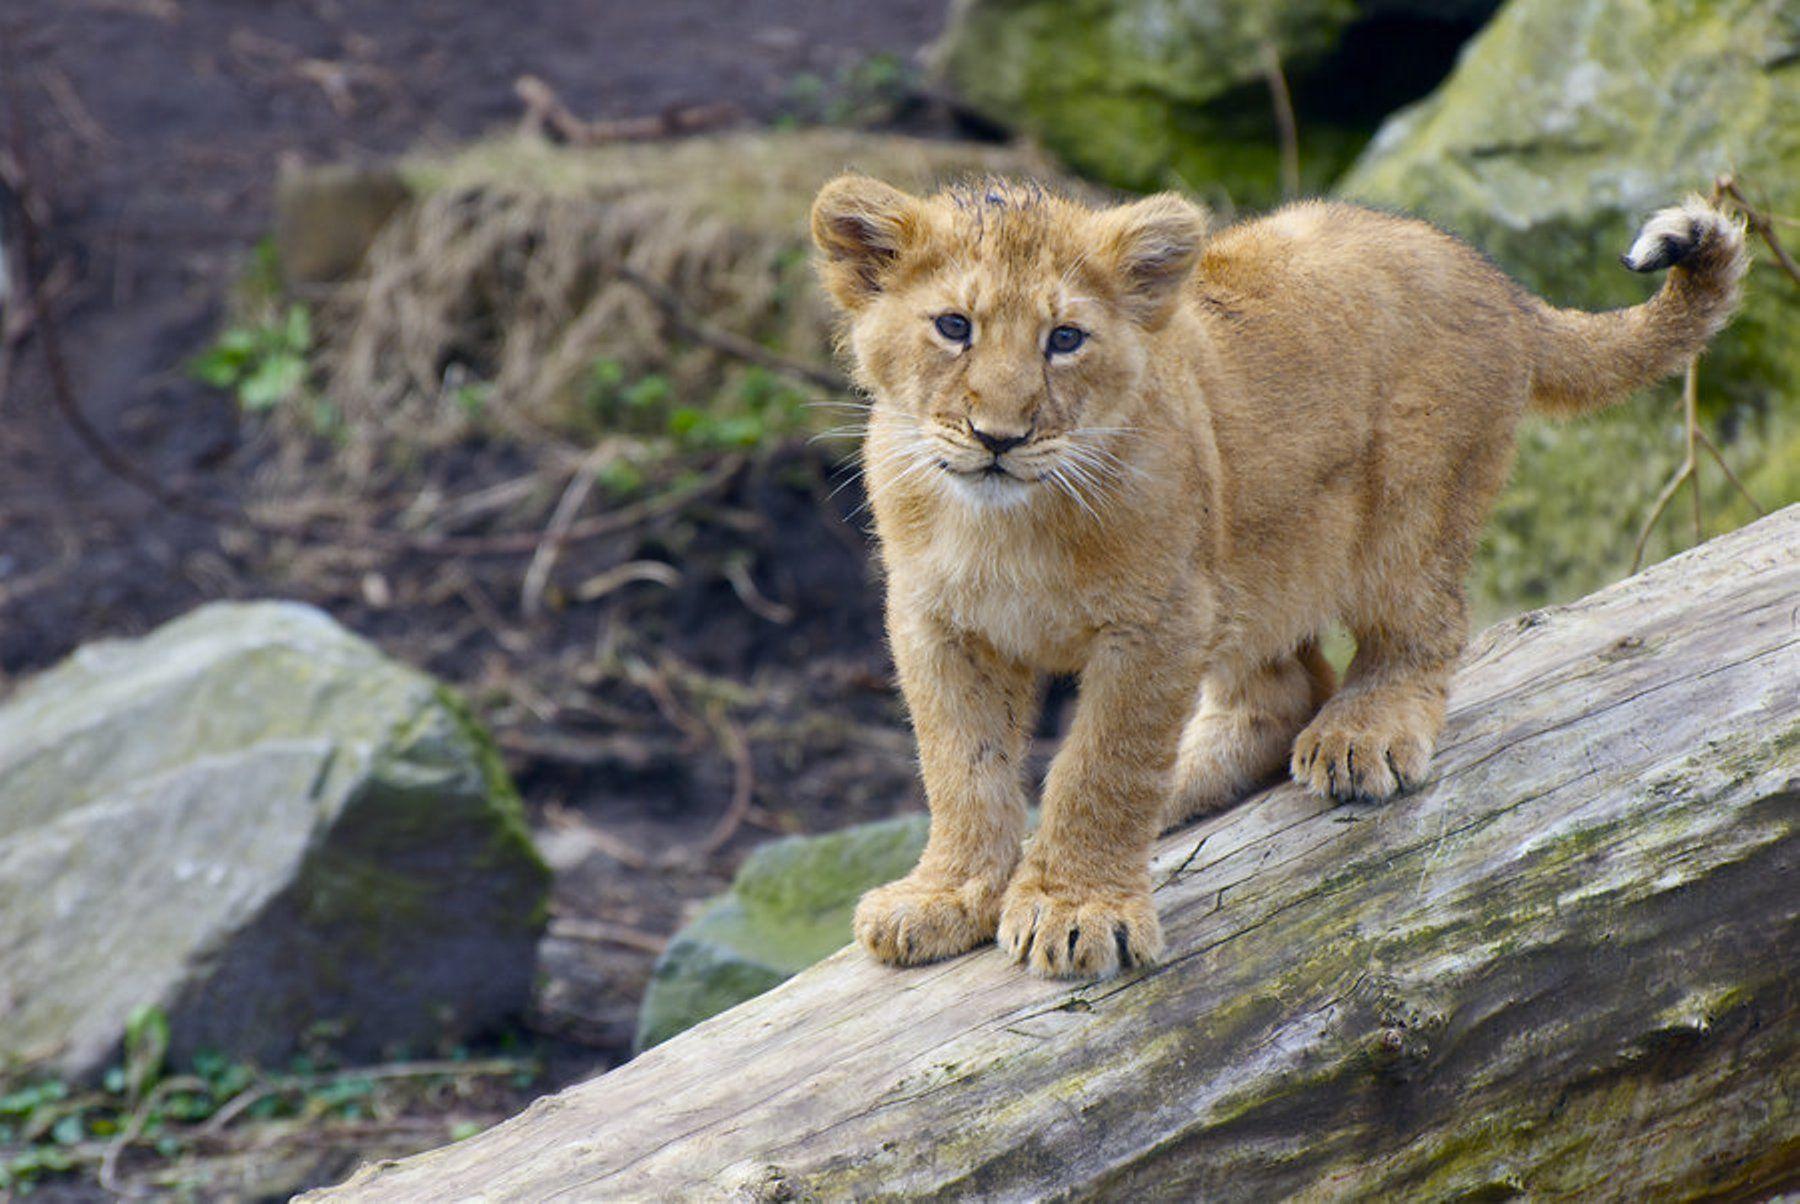 Cute Cubs Wallpaper Lion Cub Wallpapers Wallpaper Cave